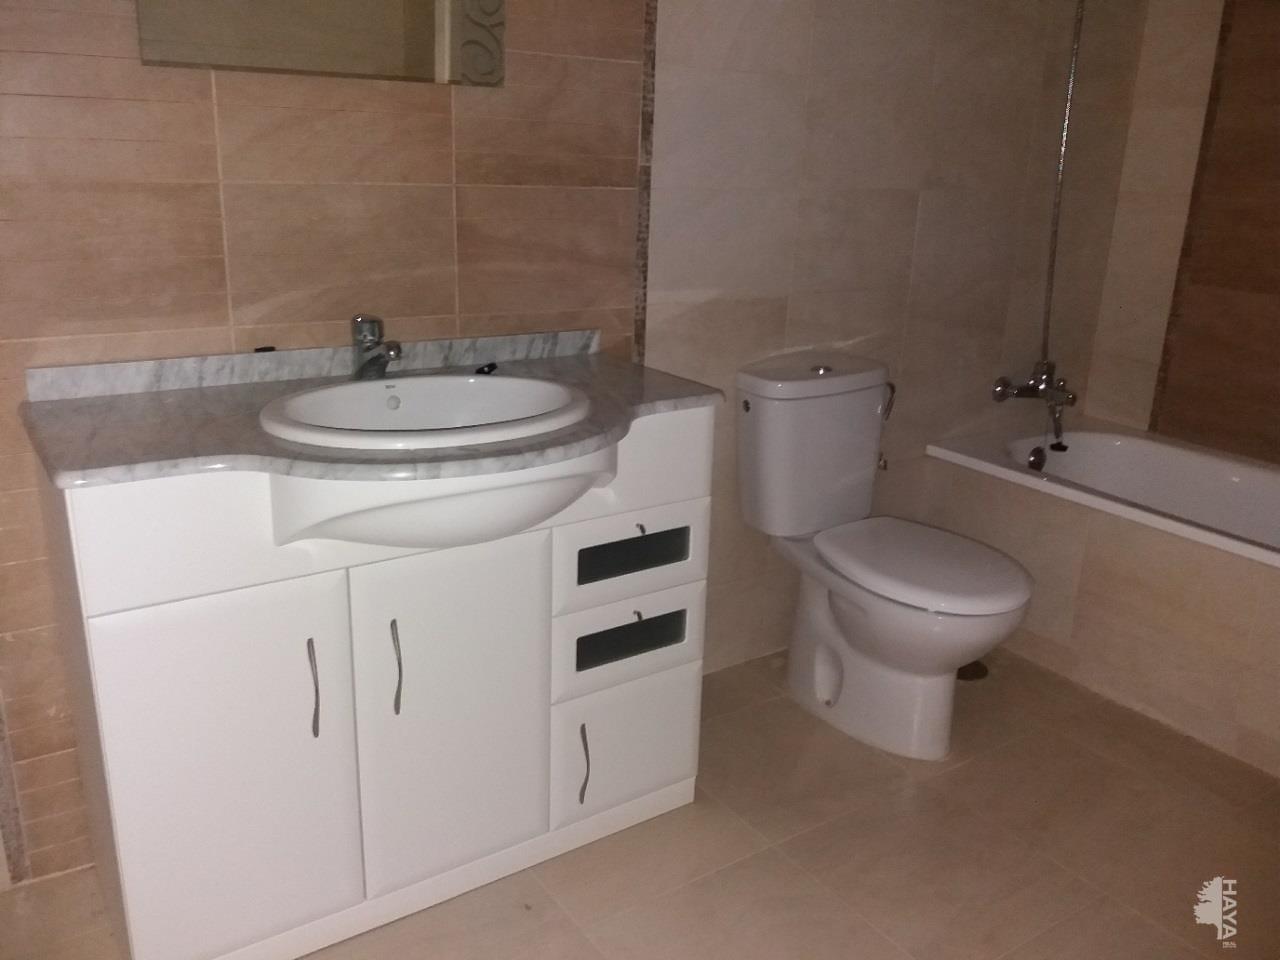 Piso en venta en Piso en Turre, Almería, 111.315 €, 3 habitaciones, 3 baños, 134 m2, Garaje